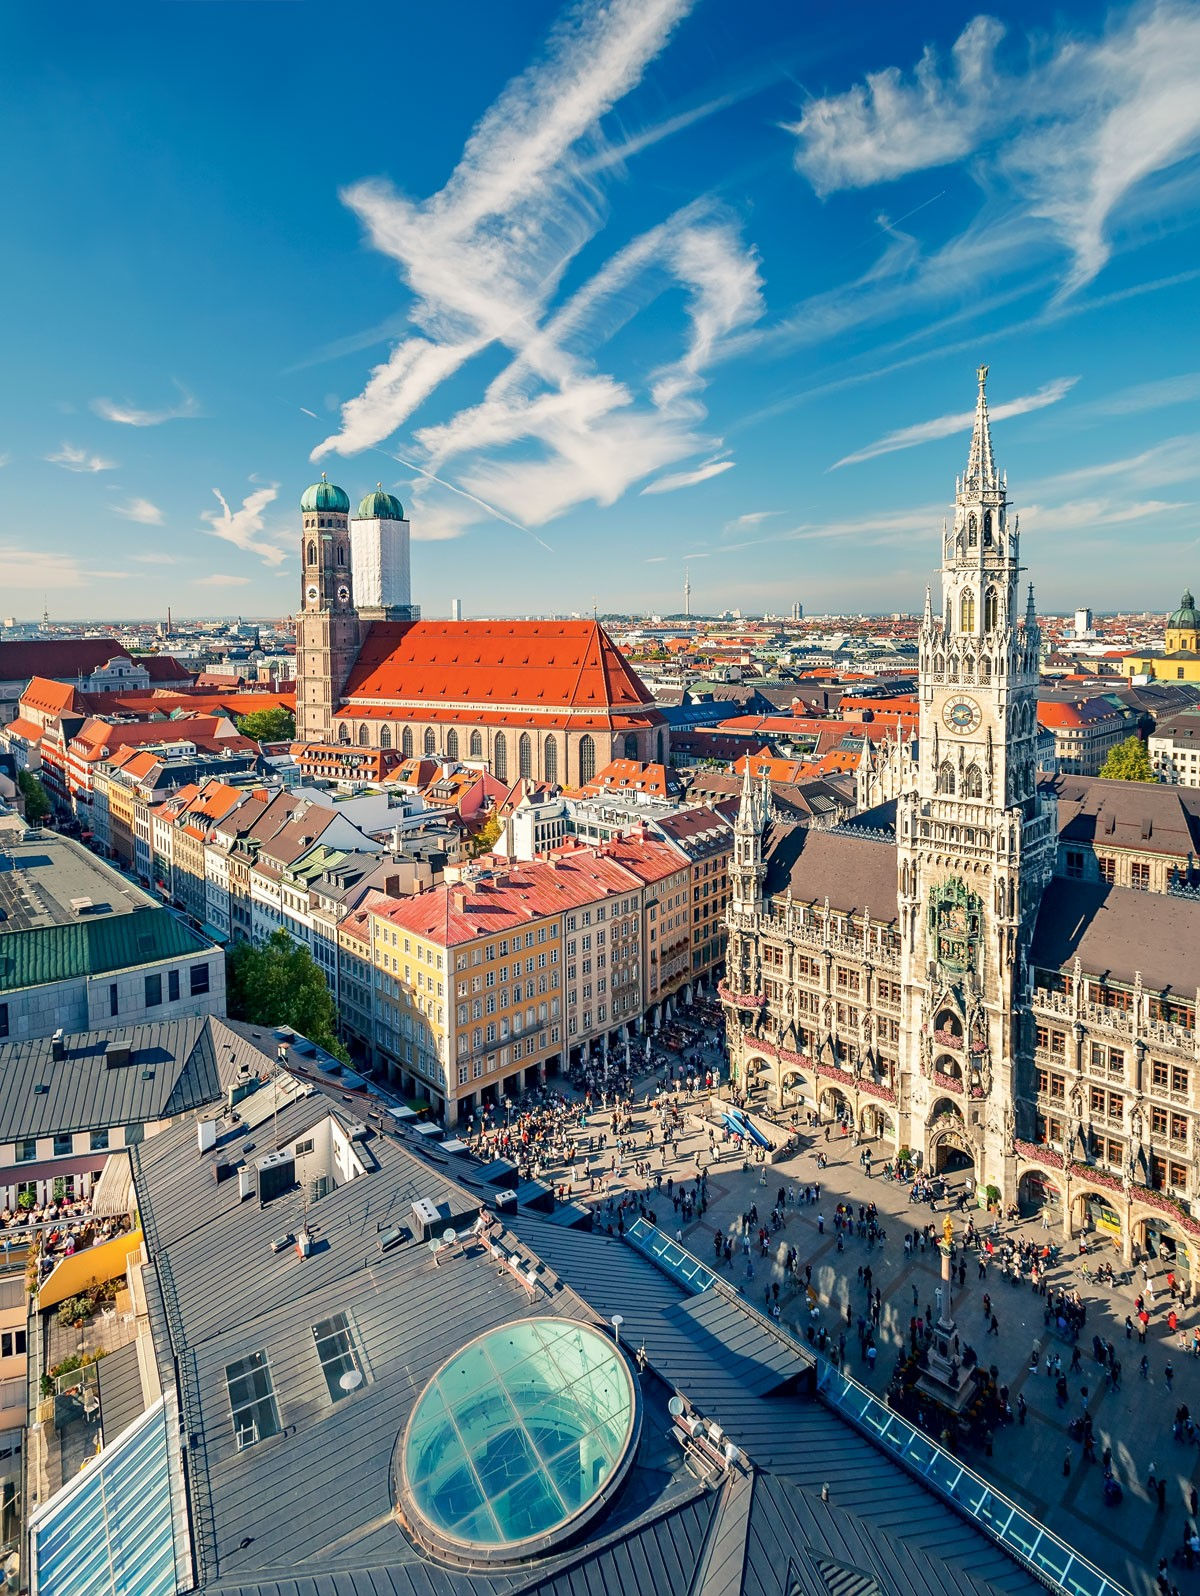 Ponto de partida: Visão aérea do centro histórico de Munique. A excursão sobre o passado nazista da cidade parte da praça diante do prédio da Prefeitura (Foto: Getty Images)